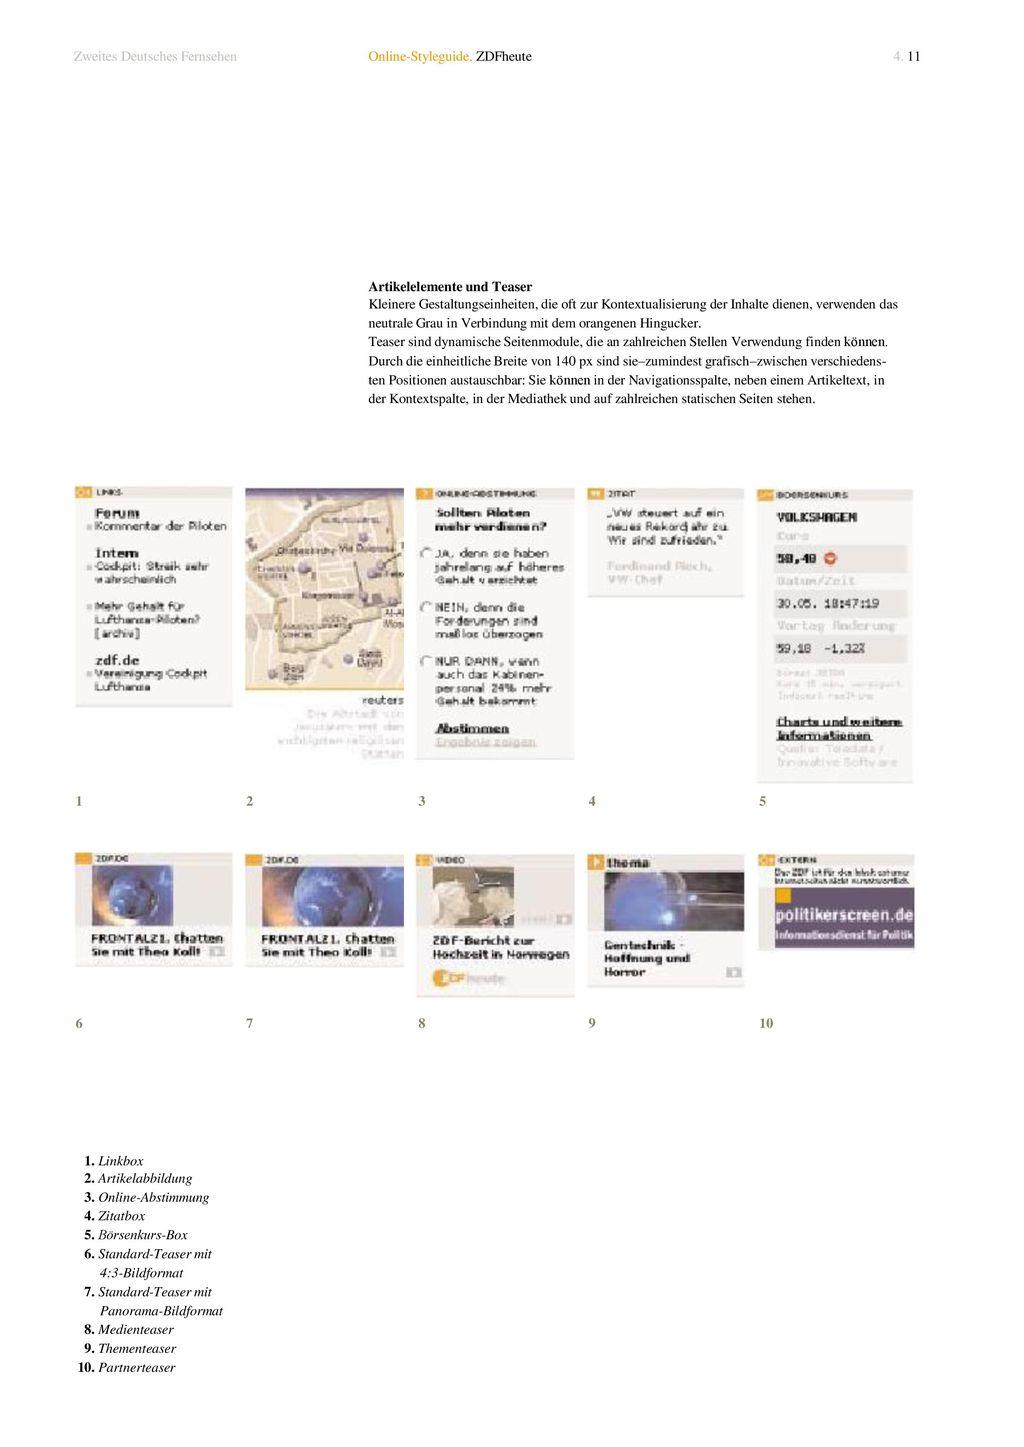 1. Linkbox 2. Artikelabbildung 3. Online-Abstimmung 4. Zitatbox